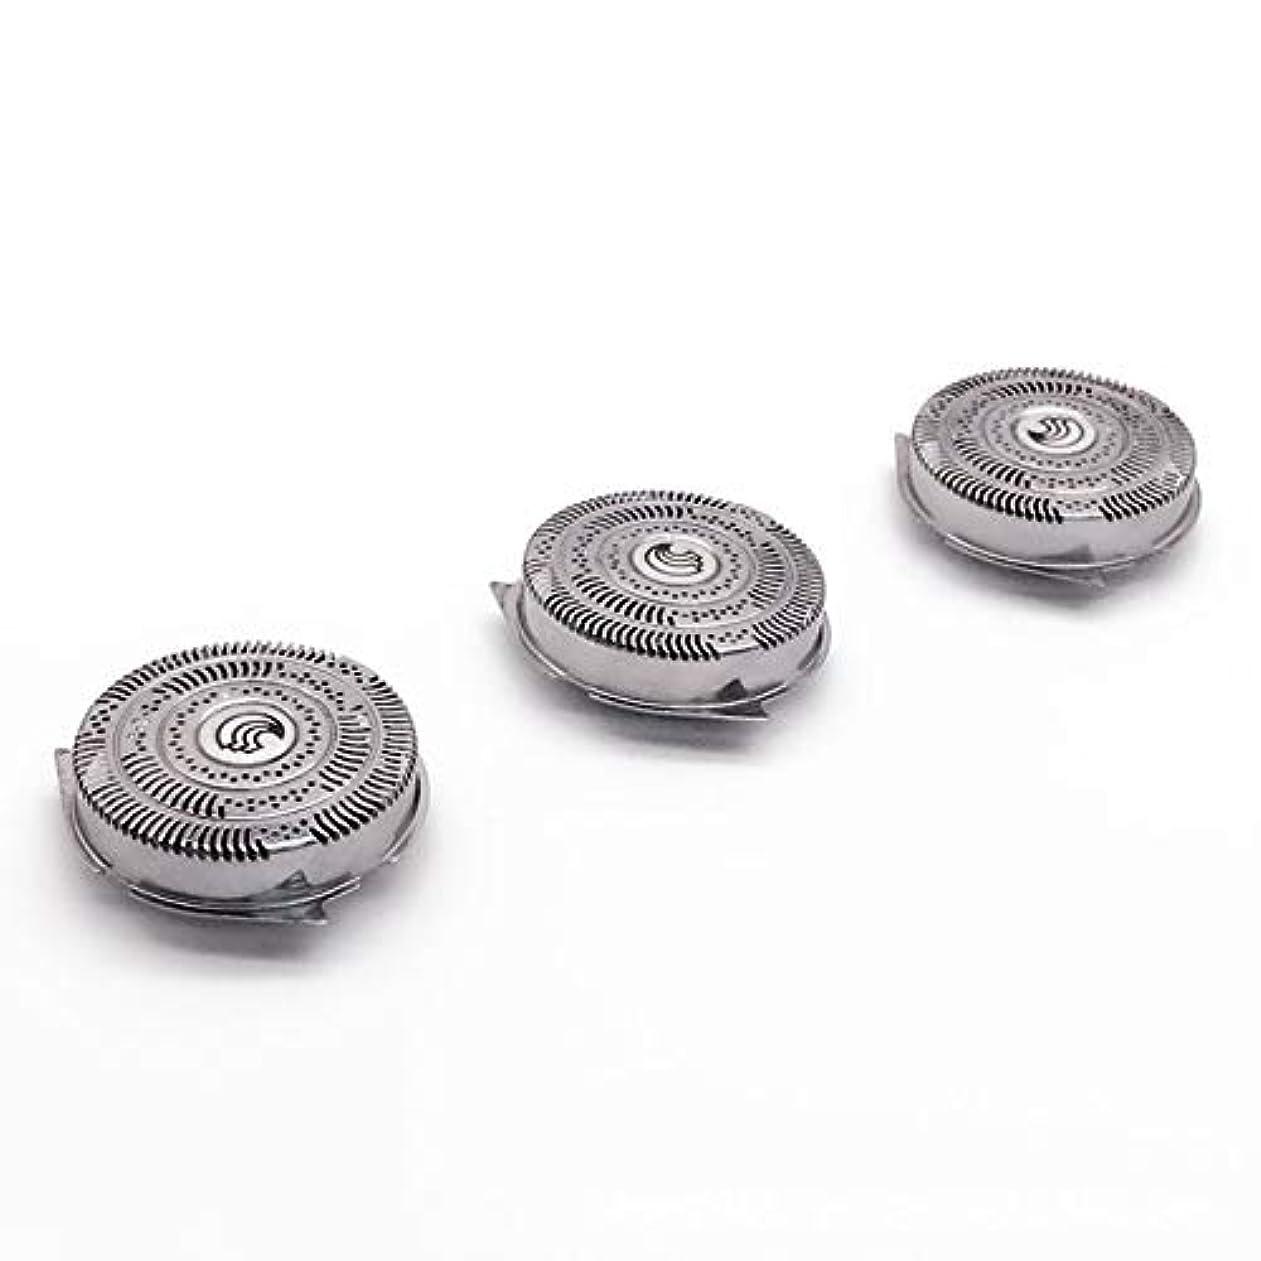 コンチネンタル乱れ恩恵3ピースシェーバーかみそり刃シェービングヘッド交換用フィットフィリップスHQ9070 HQ9080 HQ8240 / 8260 PT920ロータリーシェーバーアクセサリー